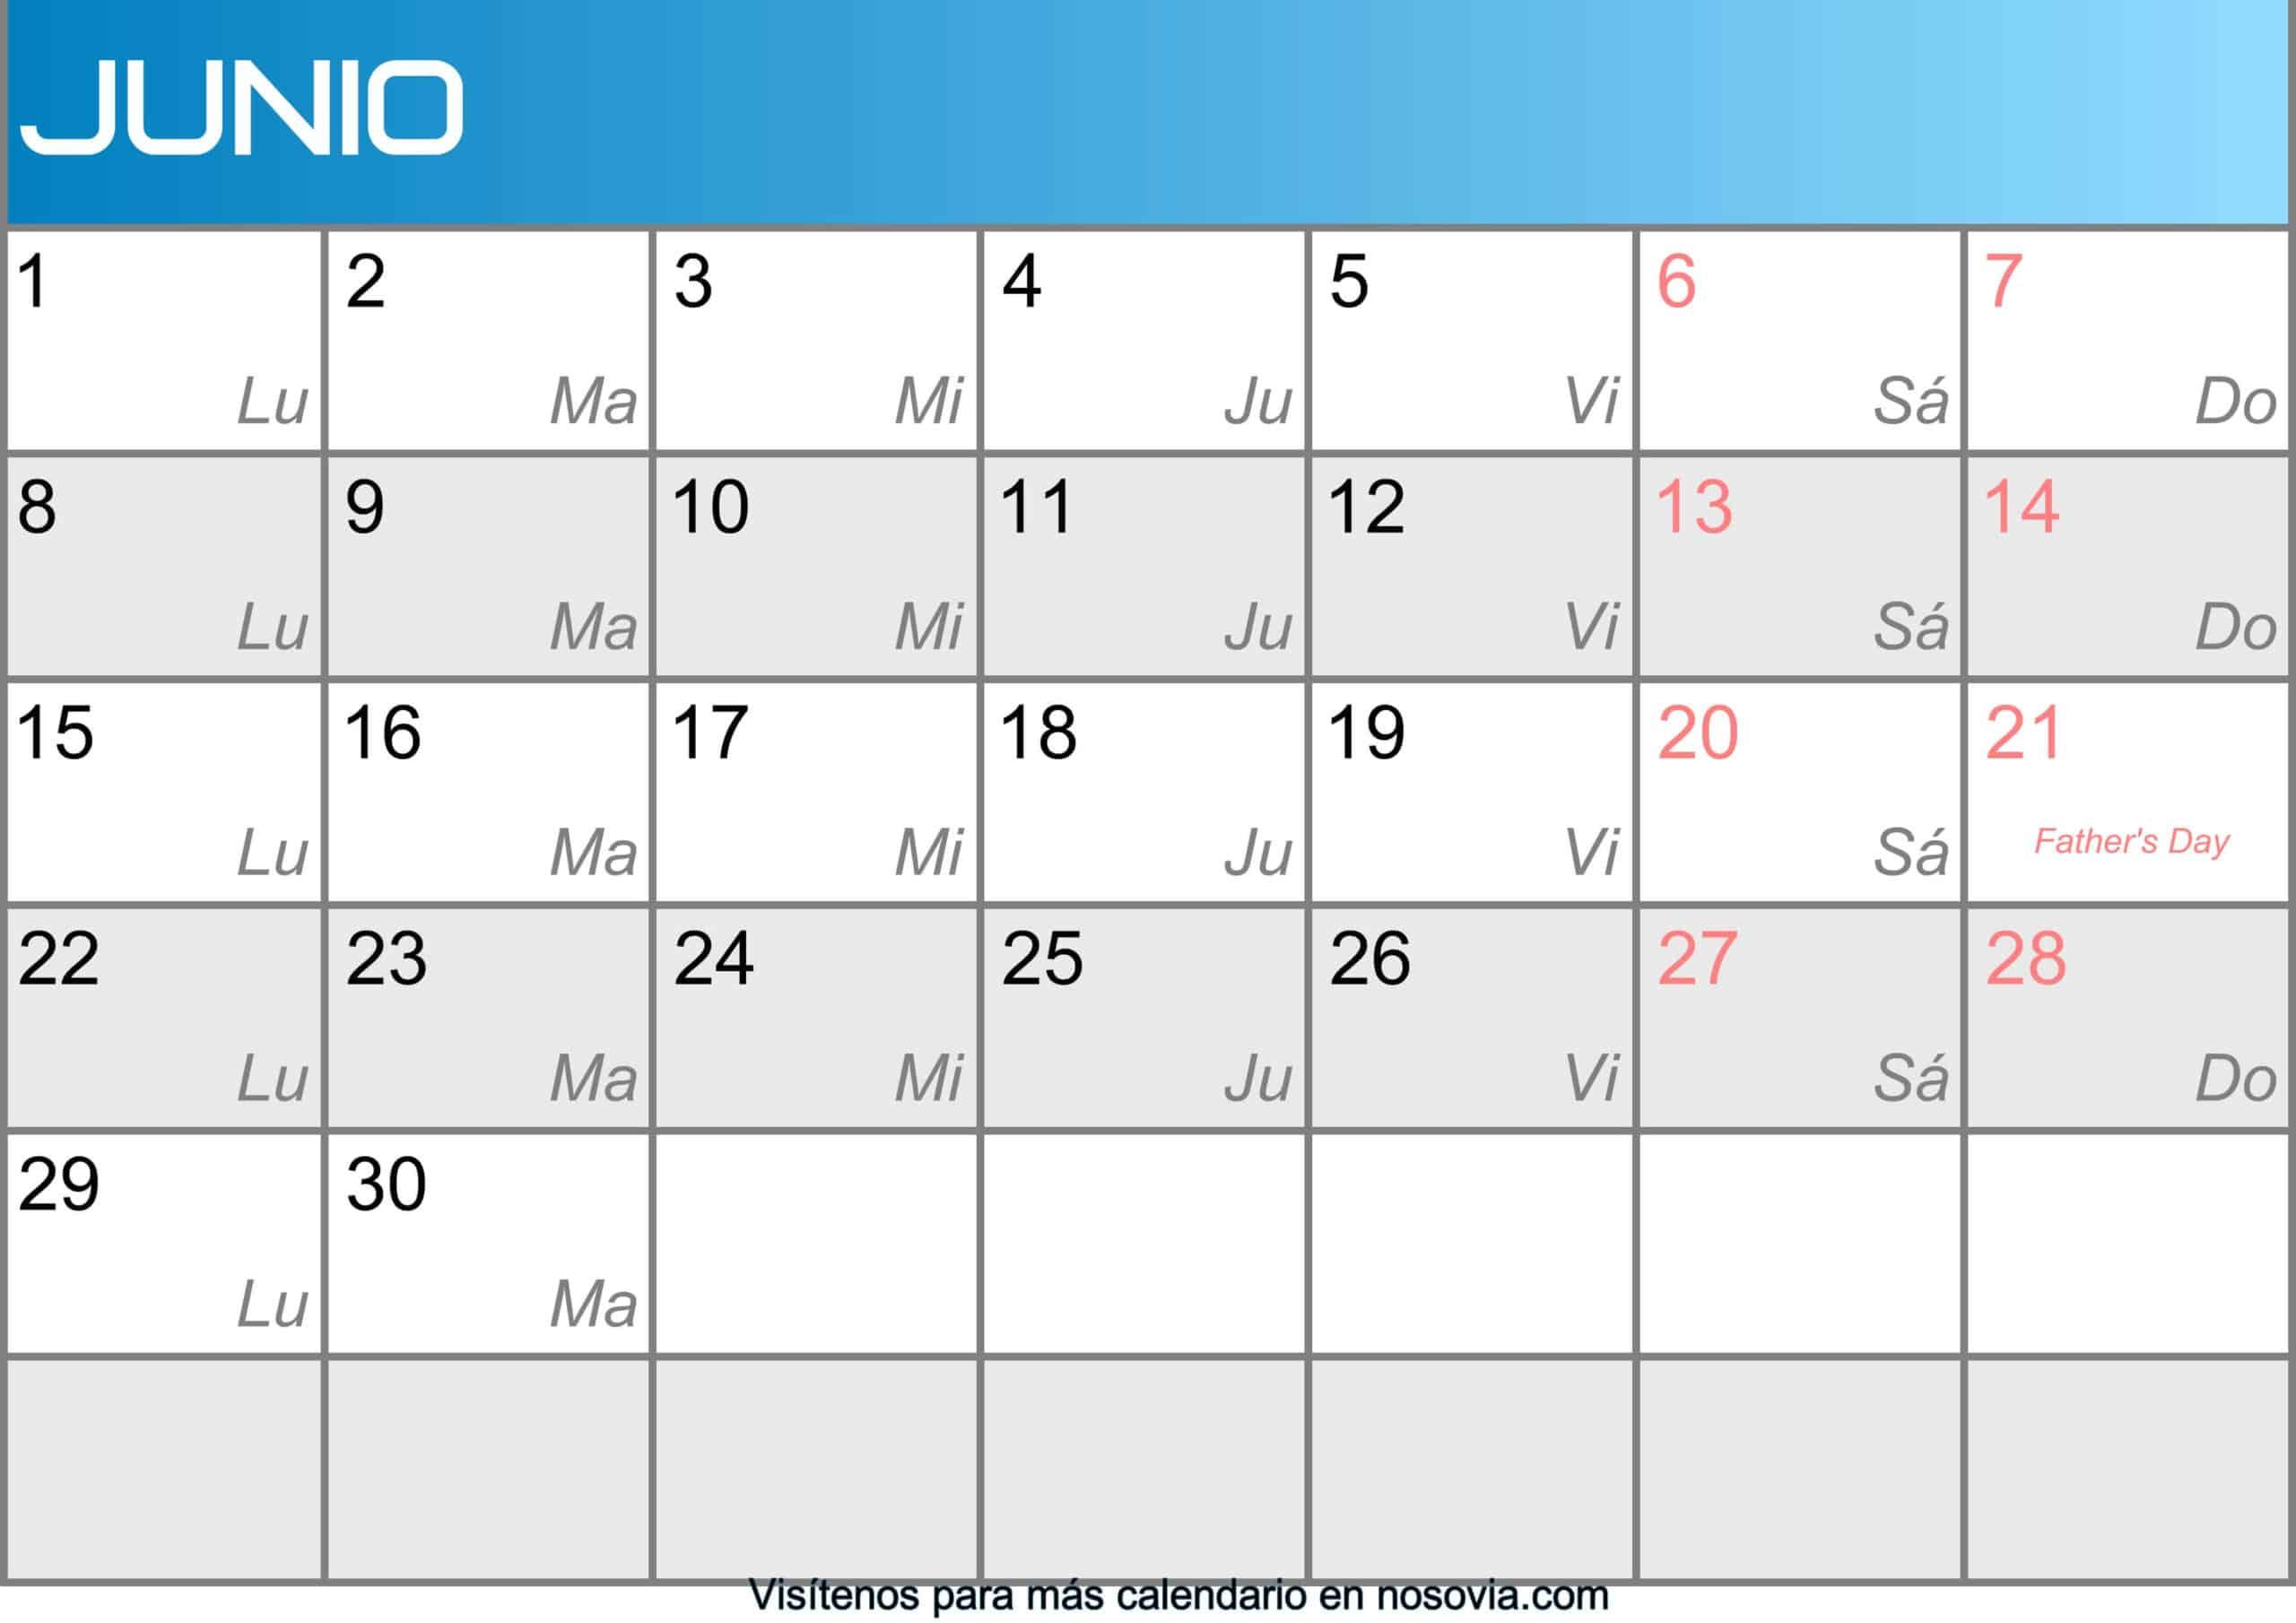 Calendario-junio-2020-Con-Festivos-Imágenes